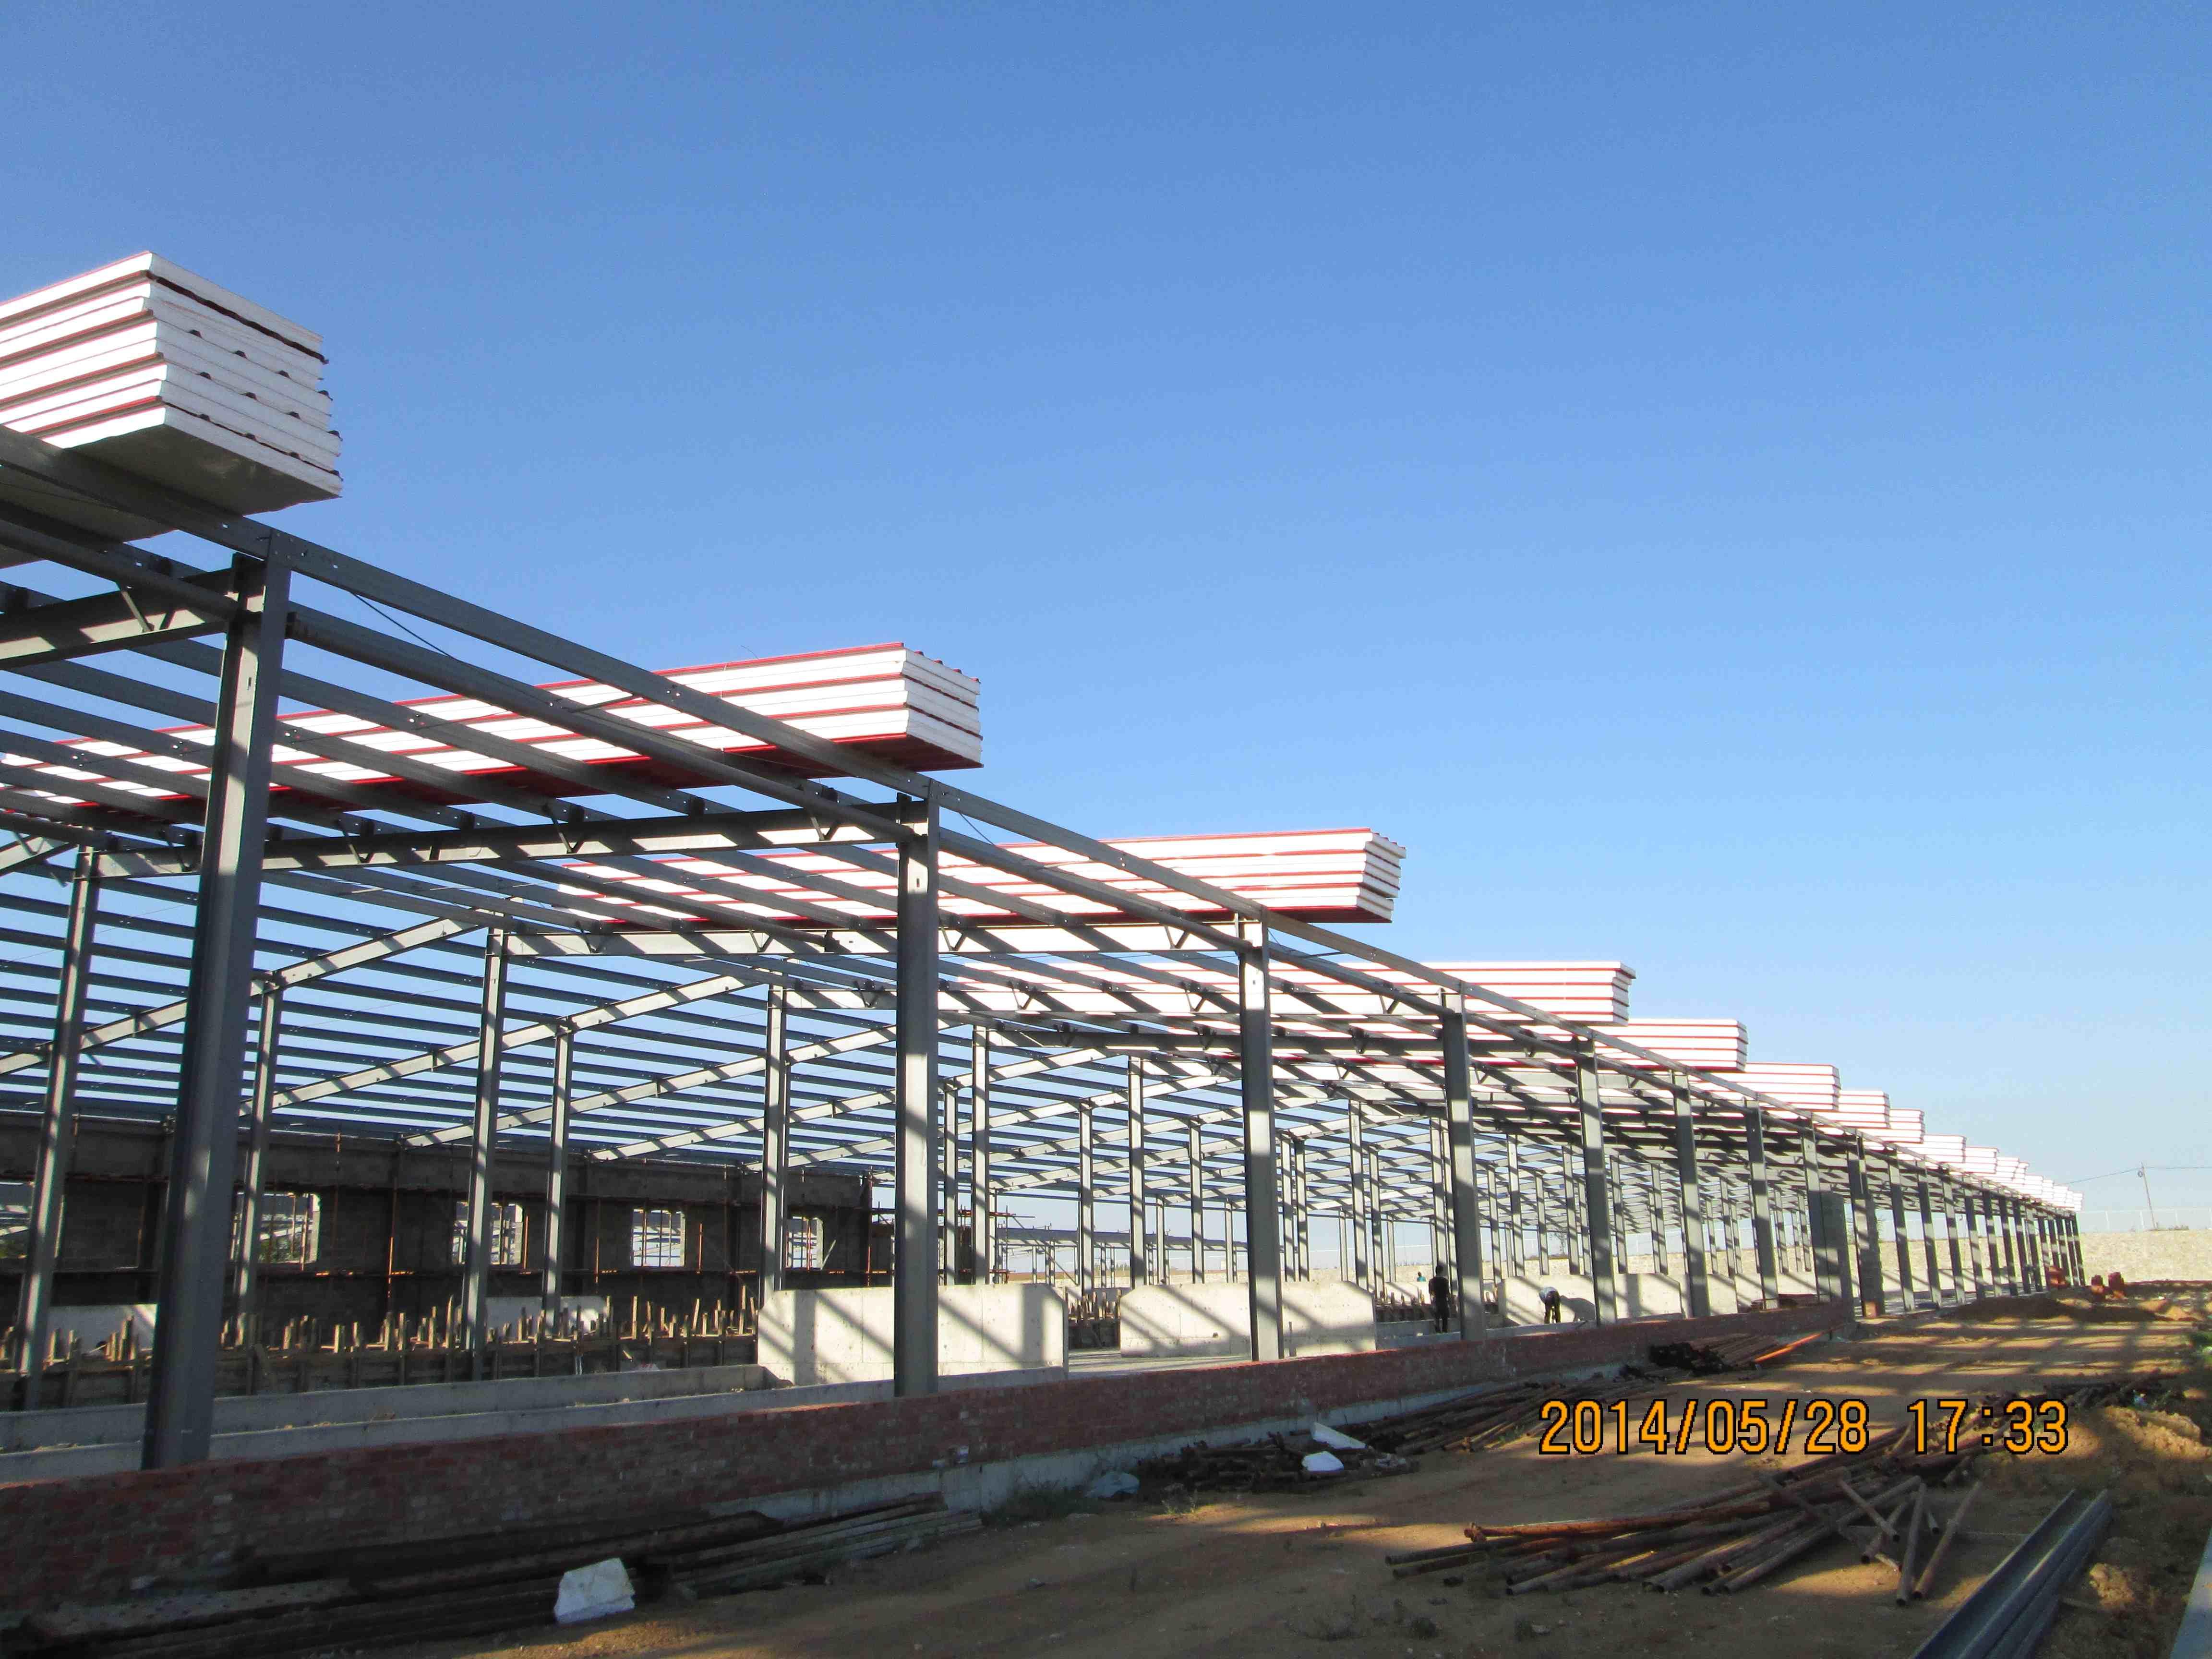 牛场牛舍钢结构 - 大连银立丰机械设备有限公司